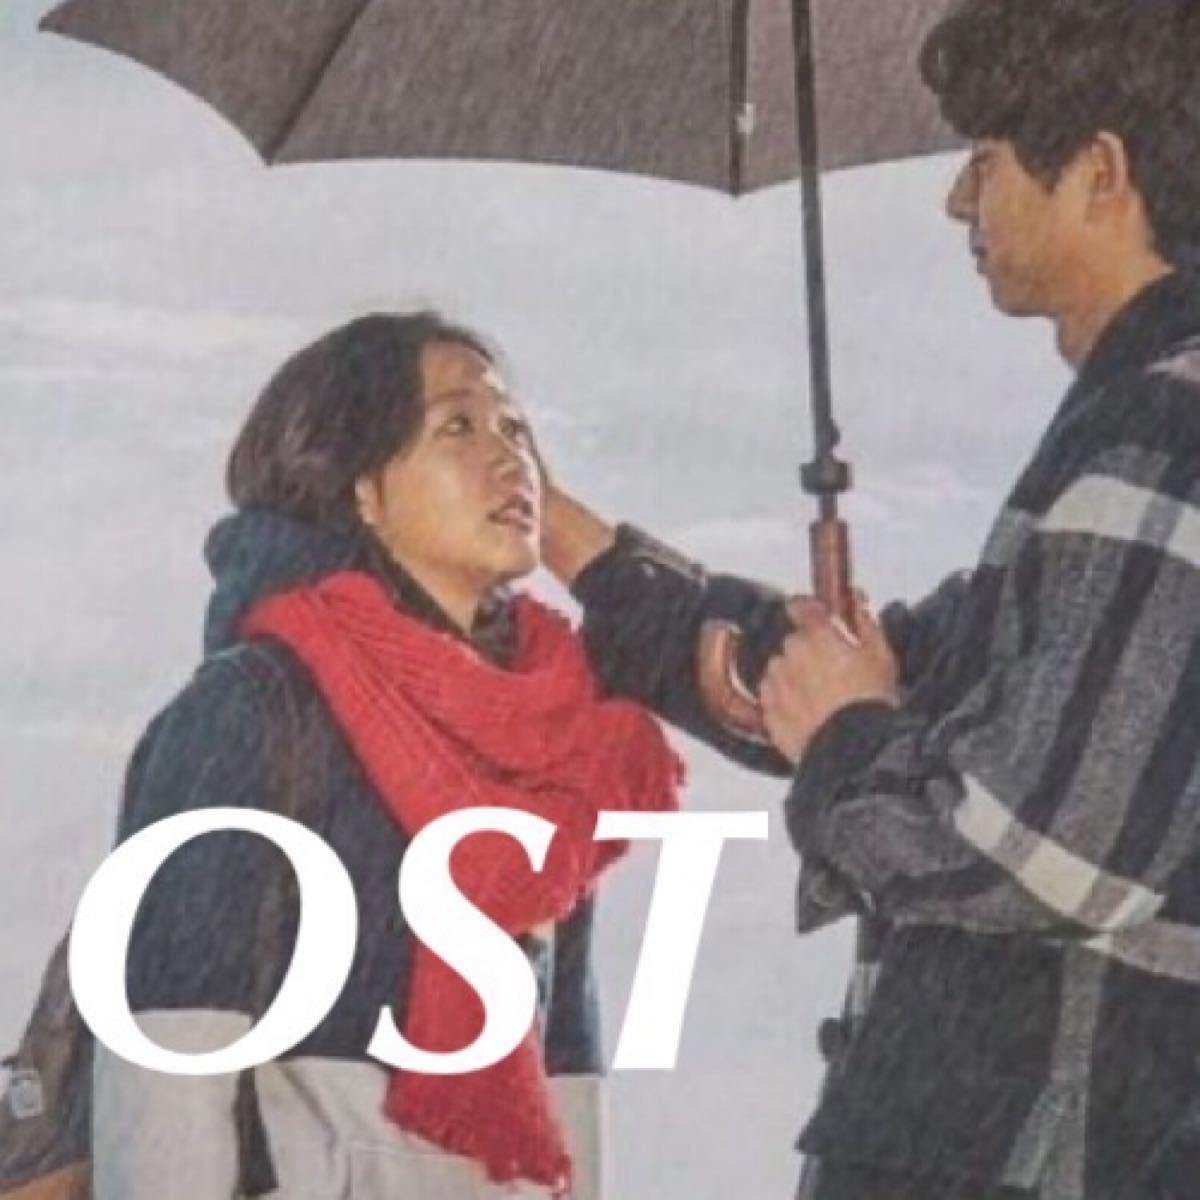 トッケビ  OST  DVD  レーベル有り  コン・ユ